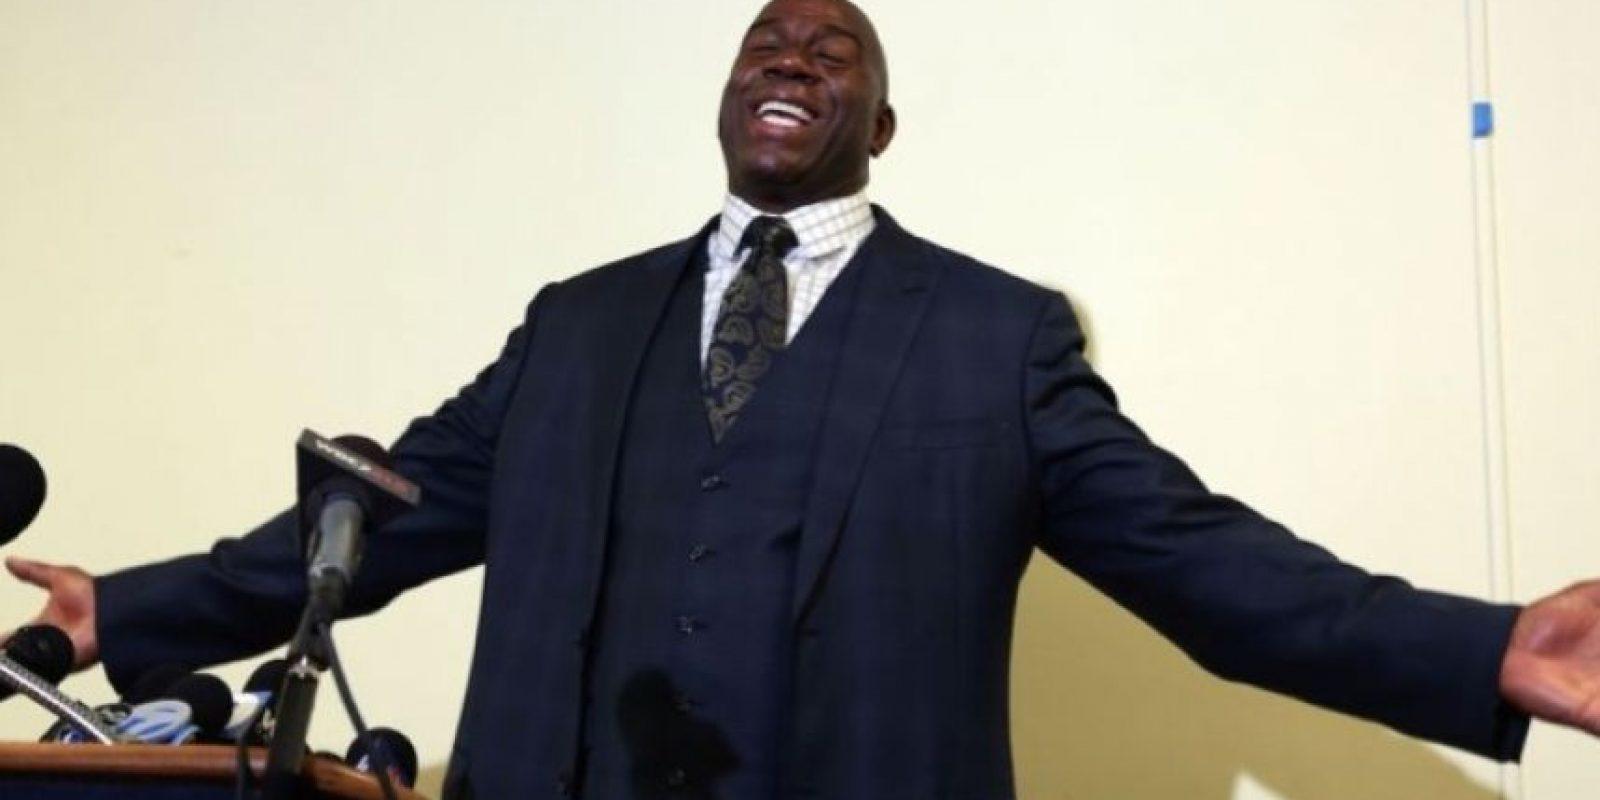 Luego de ganar cinco campeonatos de la NBA, en noviembre de 1991, el basquetbolista Magic Johnson reveló que era portador del virus de VIH. Foto:Getty Images